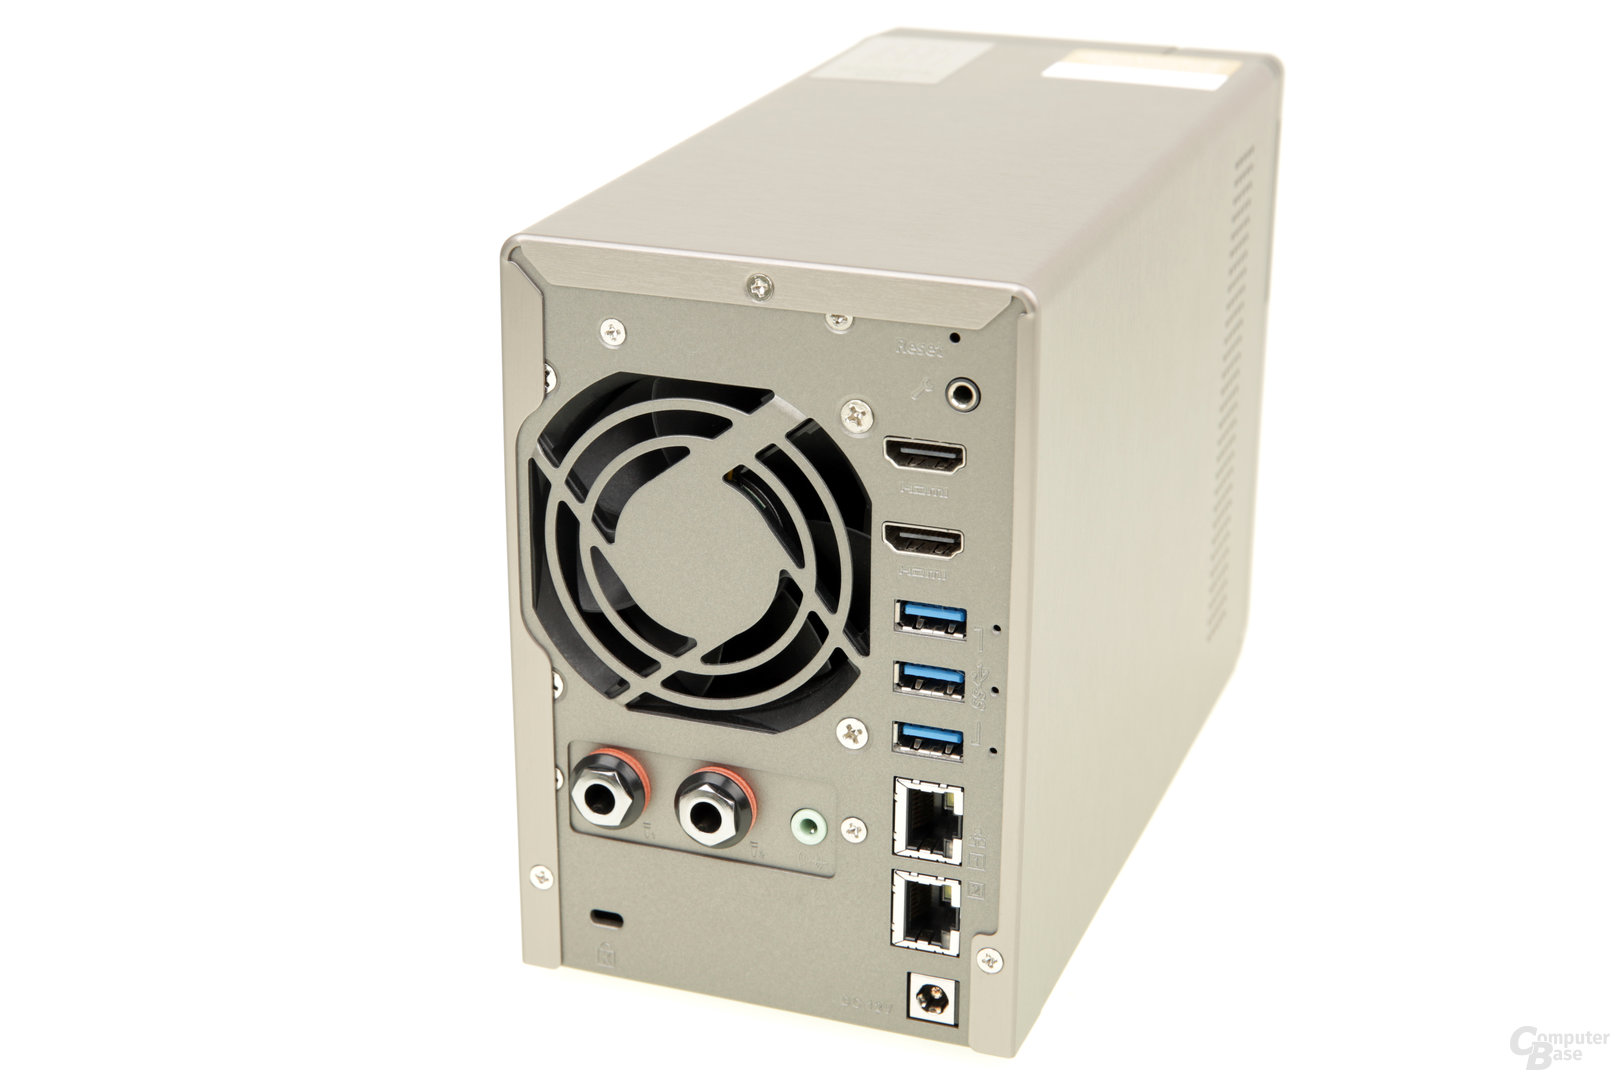 QNAP TS-253A